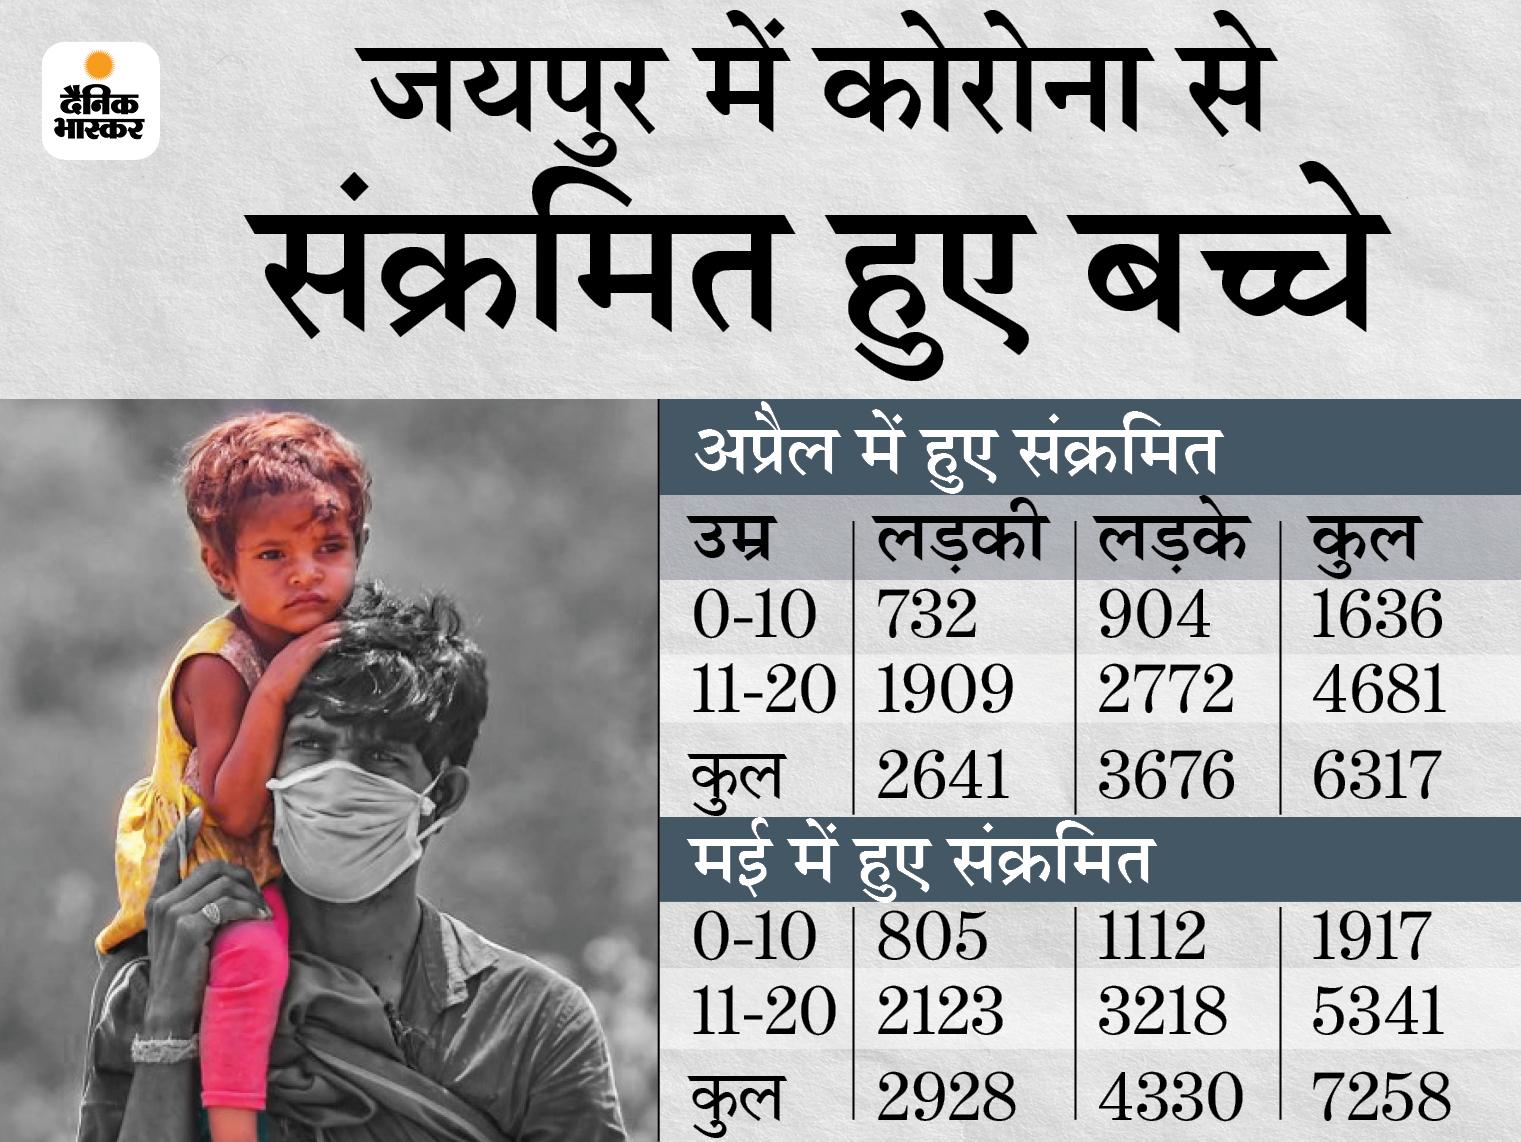 अप्रैल-मई में हुए संक्रमितों में 59% मरीज 40 साल तक की उम्र वाले, इनमें 20 साल से कम आयु के 13575 लोग; 60+ वाले सिर्फ 12%|राजस्थान,Rajasthan - Dainik Bhaskar